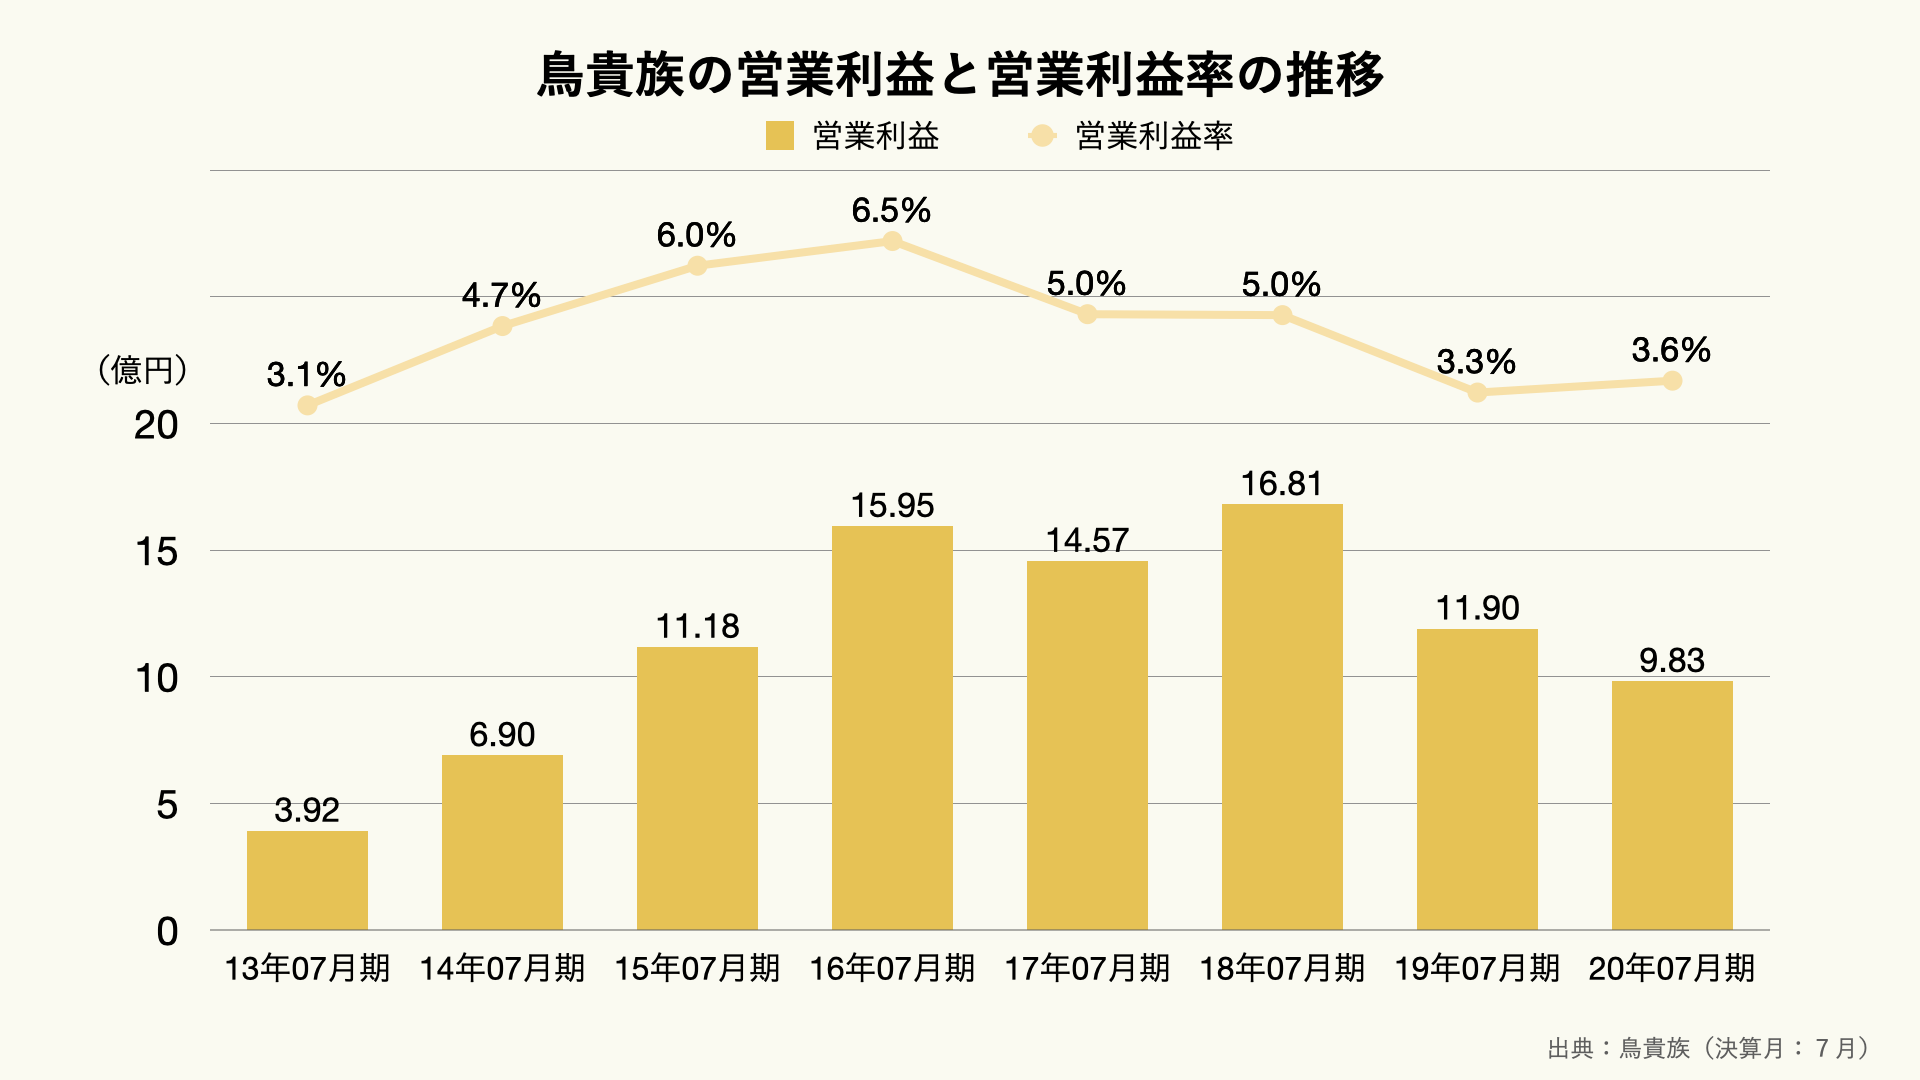 鳥貴族の営業利益と営業利益率の推移のグラフ